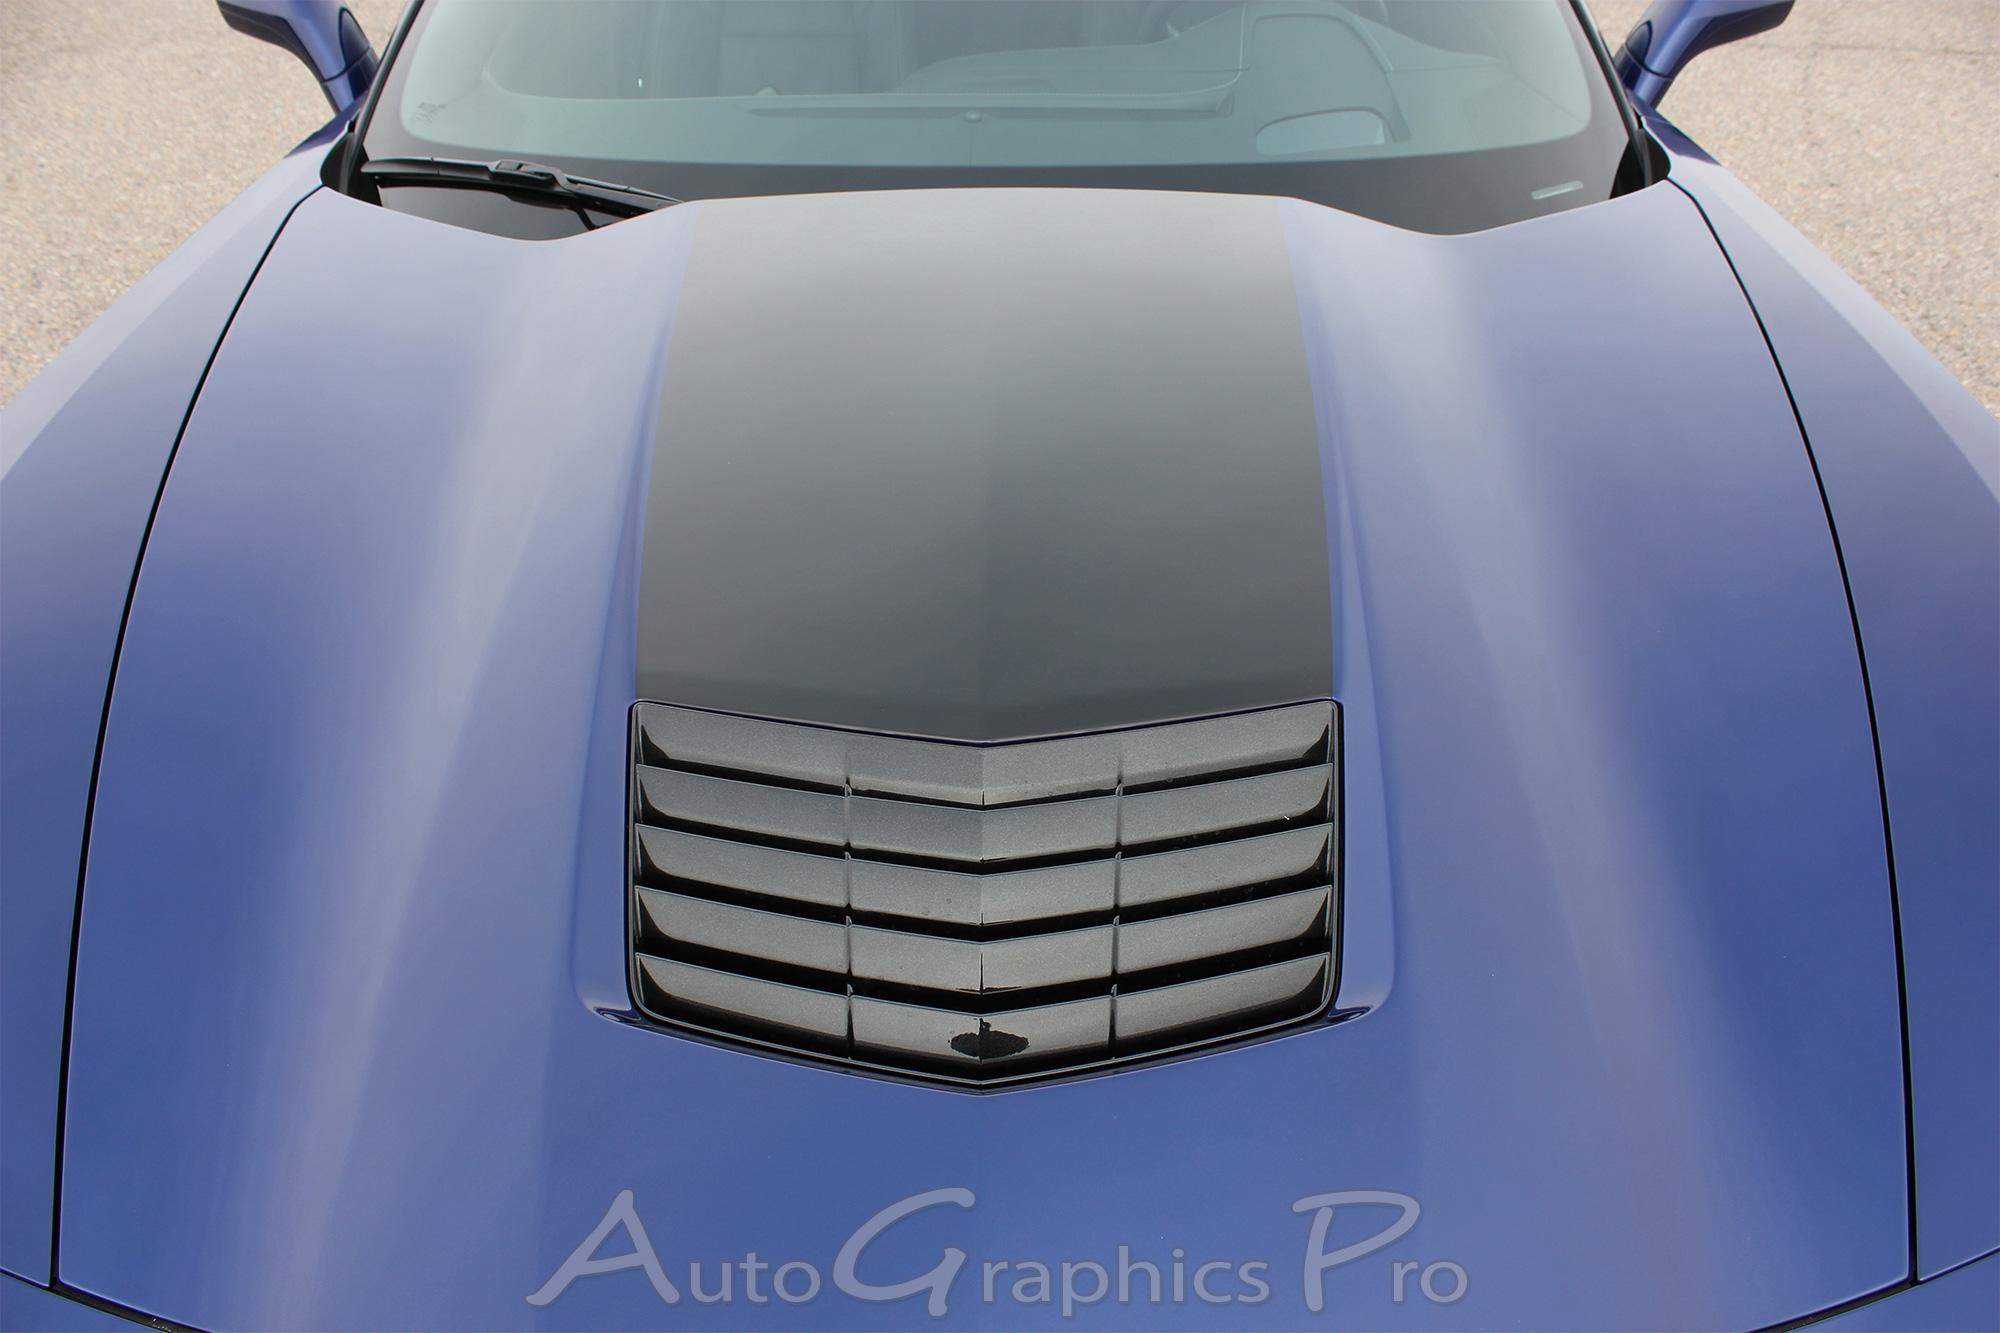 2014 2019 Chevy Corvette C7 Hood Blackout Decal Center Hood Stripe Vinyl Graphics Kit